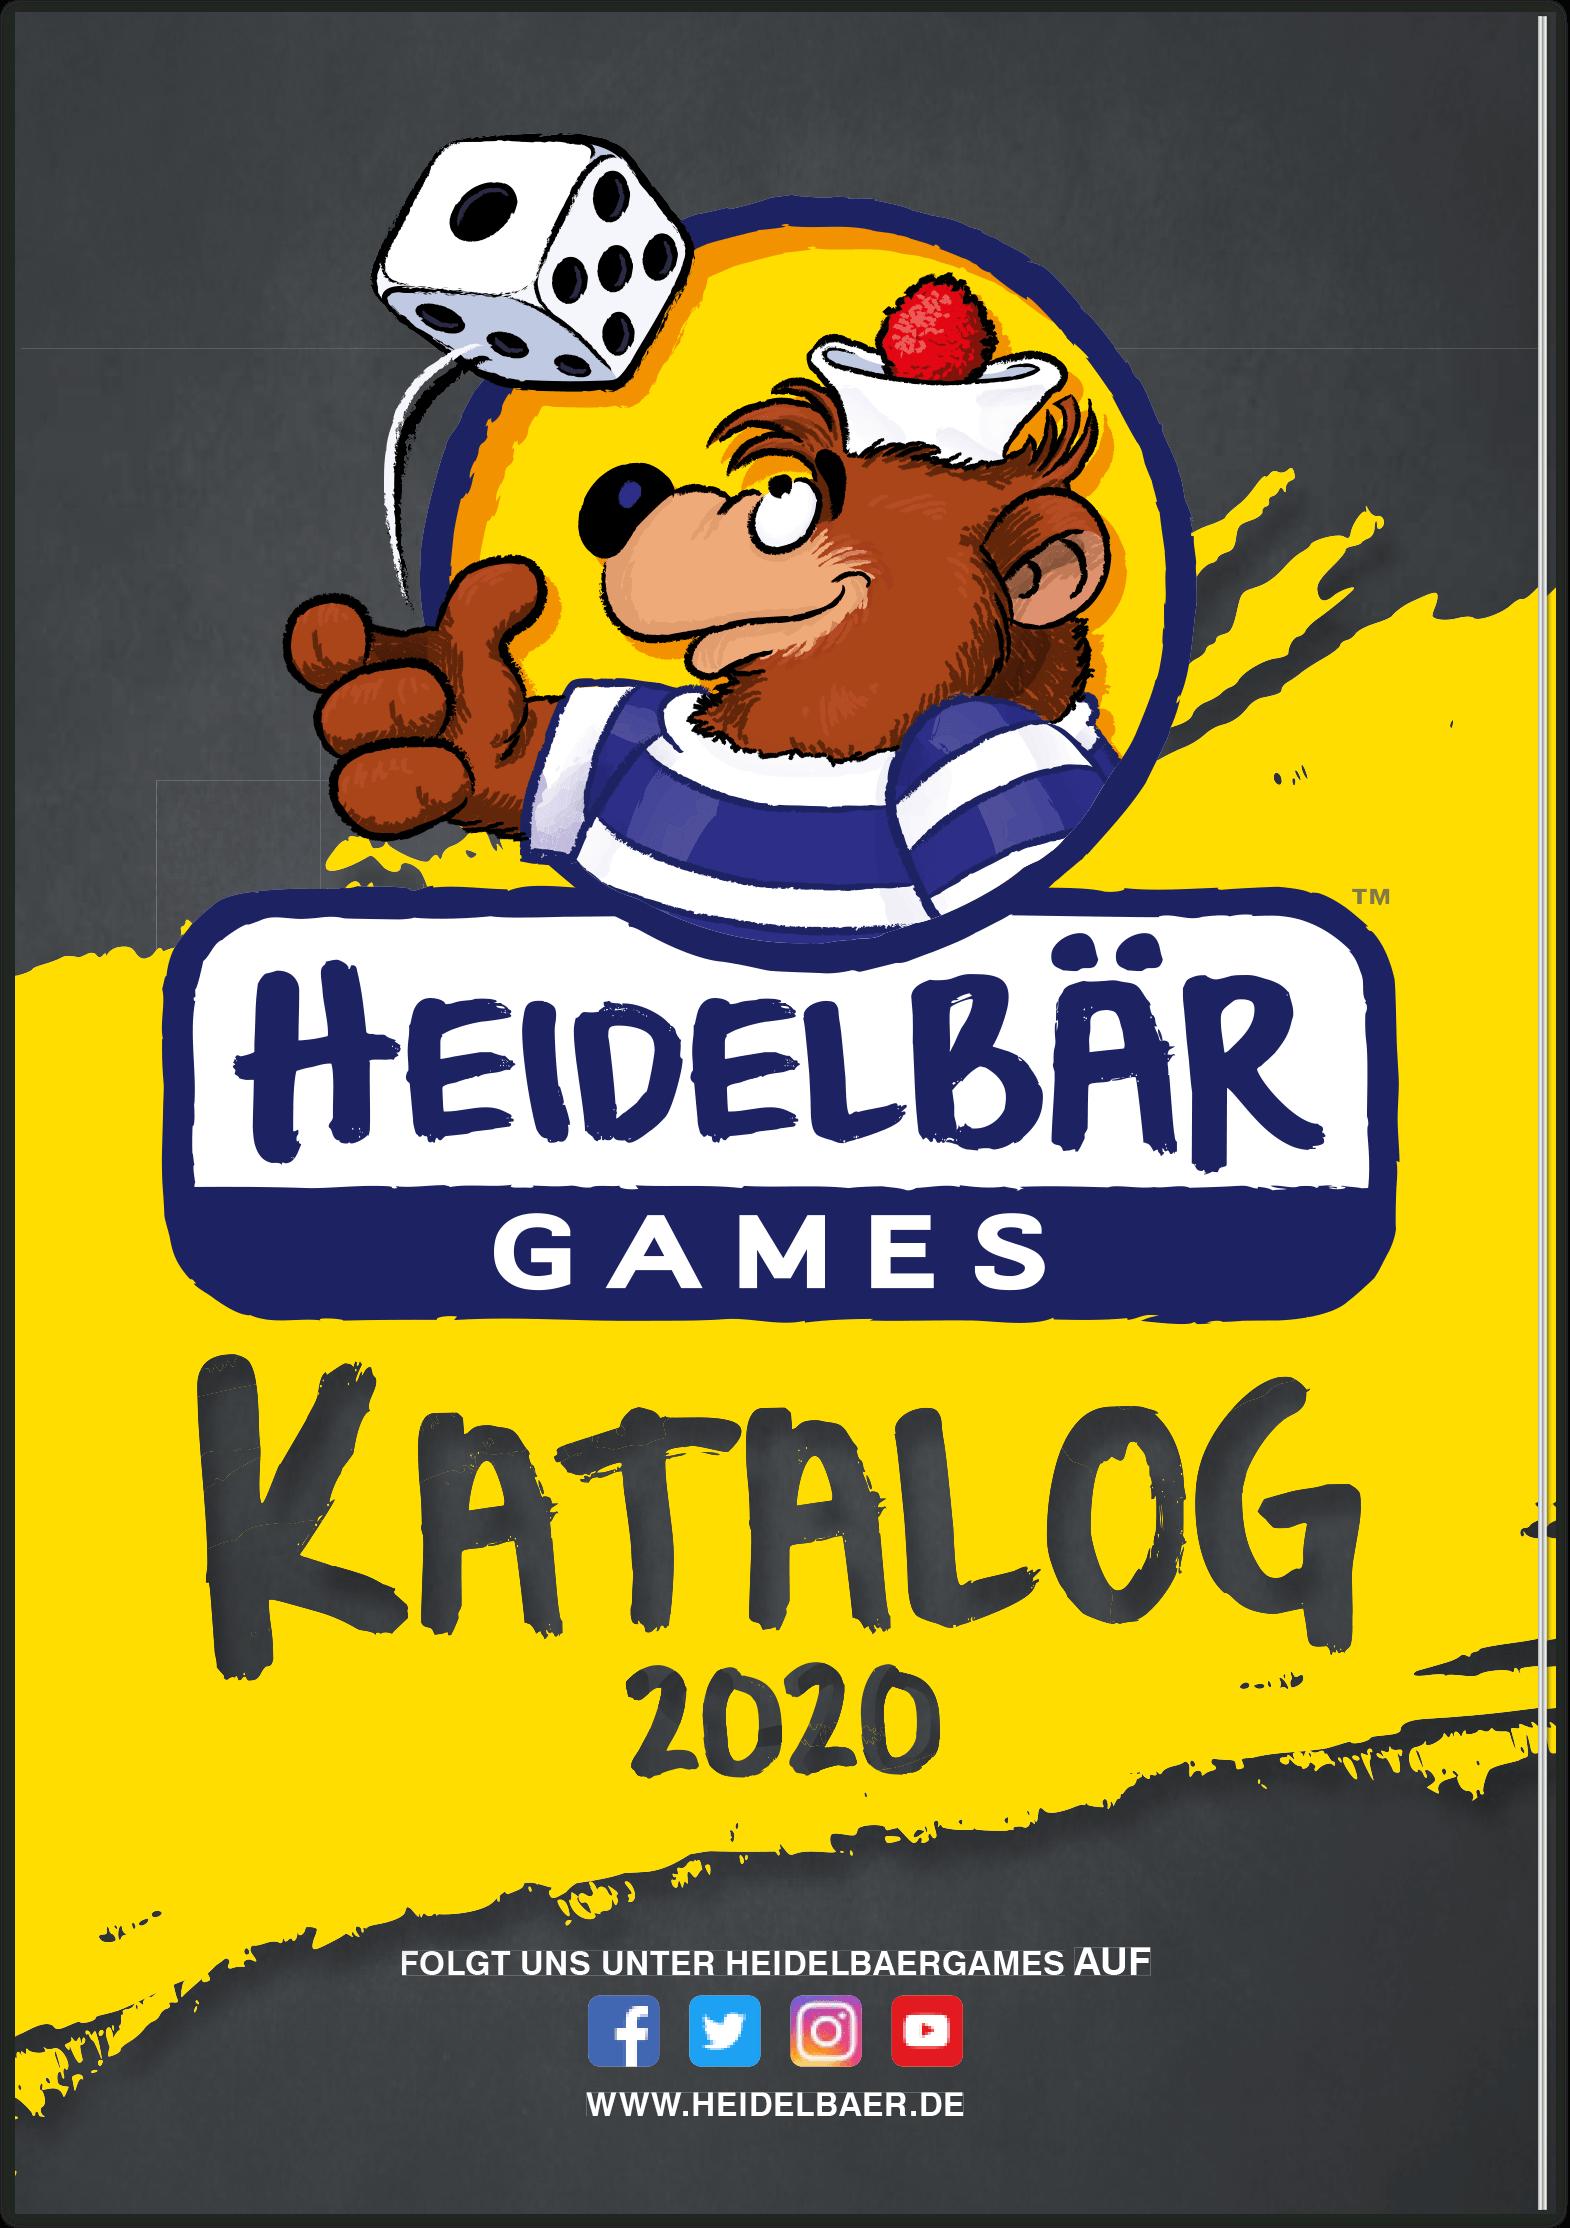 heidelbär games katalog 2020